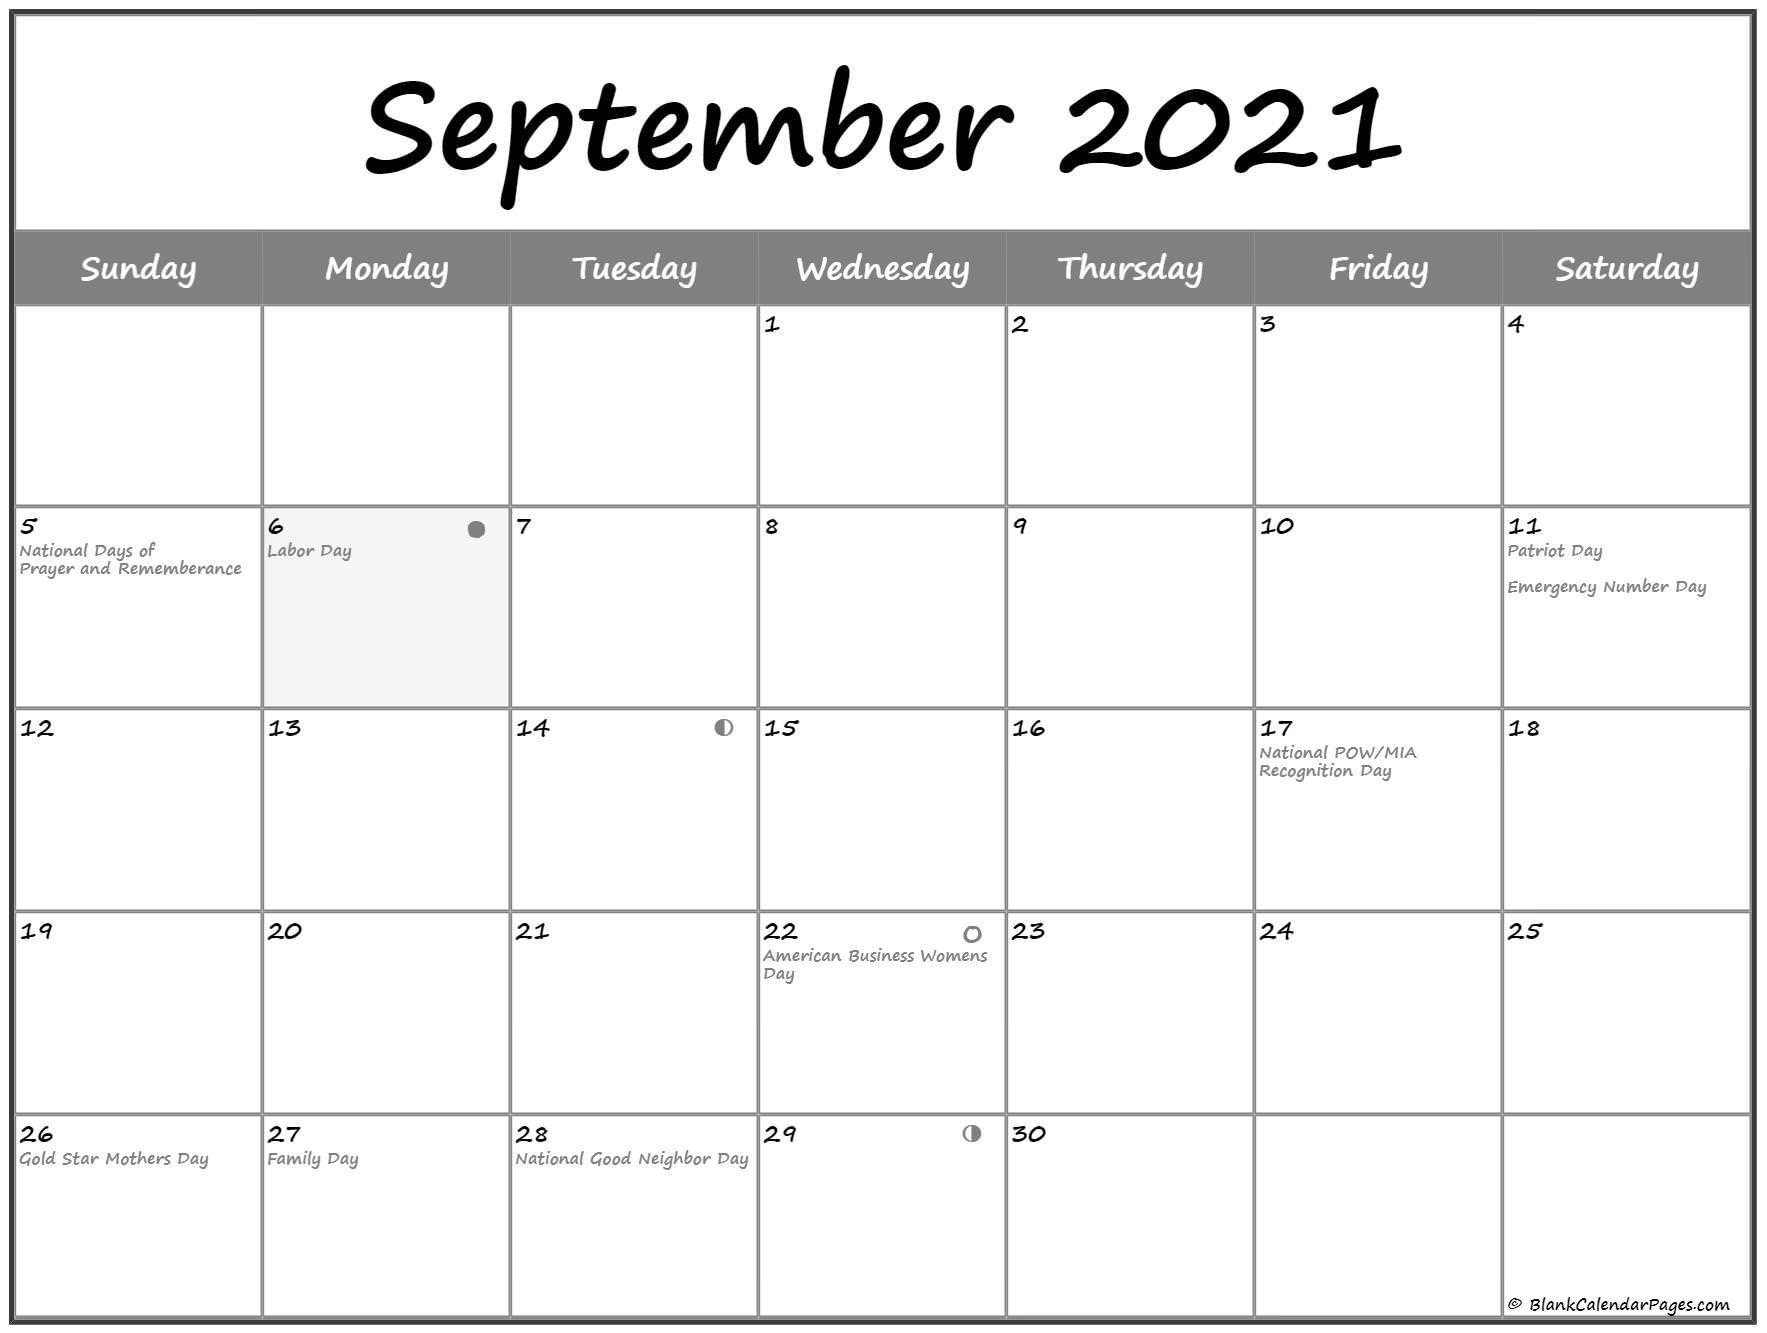 September 2021 Lunar Calendar | Moon Phase Calendar intended for Full Moon Calendar 2021 Printable